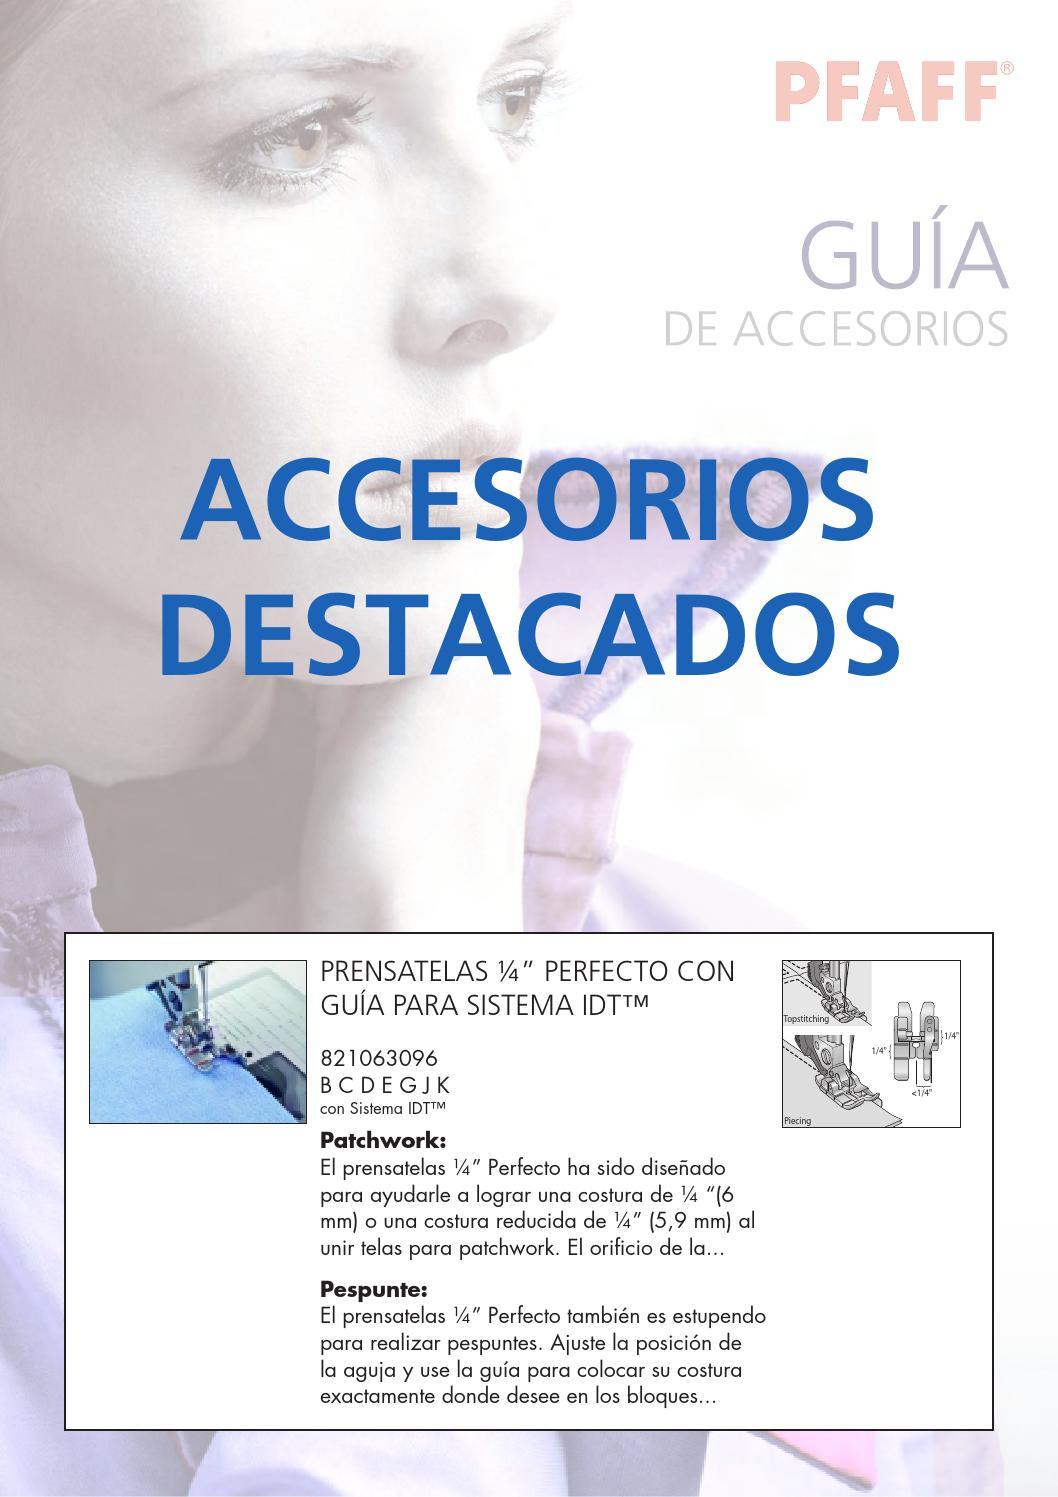 Accesorios Pfaff by Seoane Textil - issuu